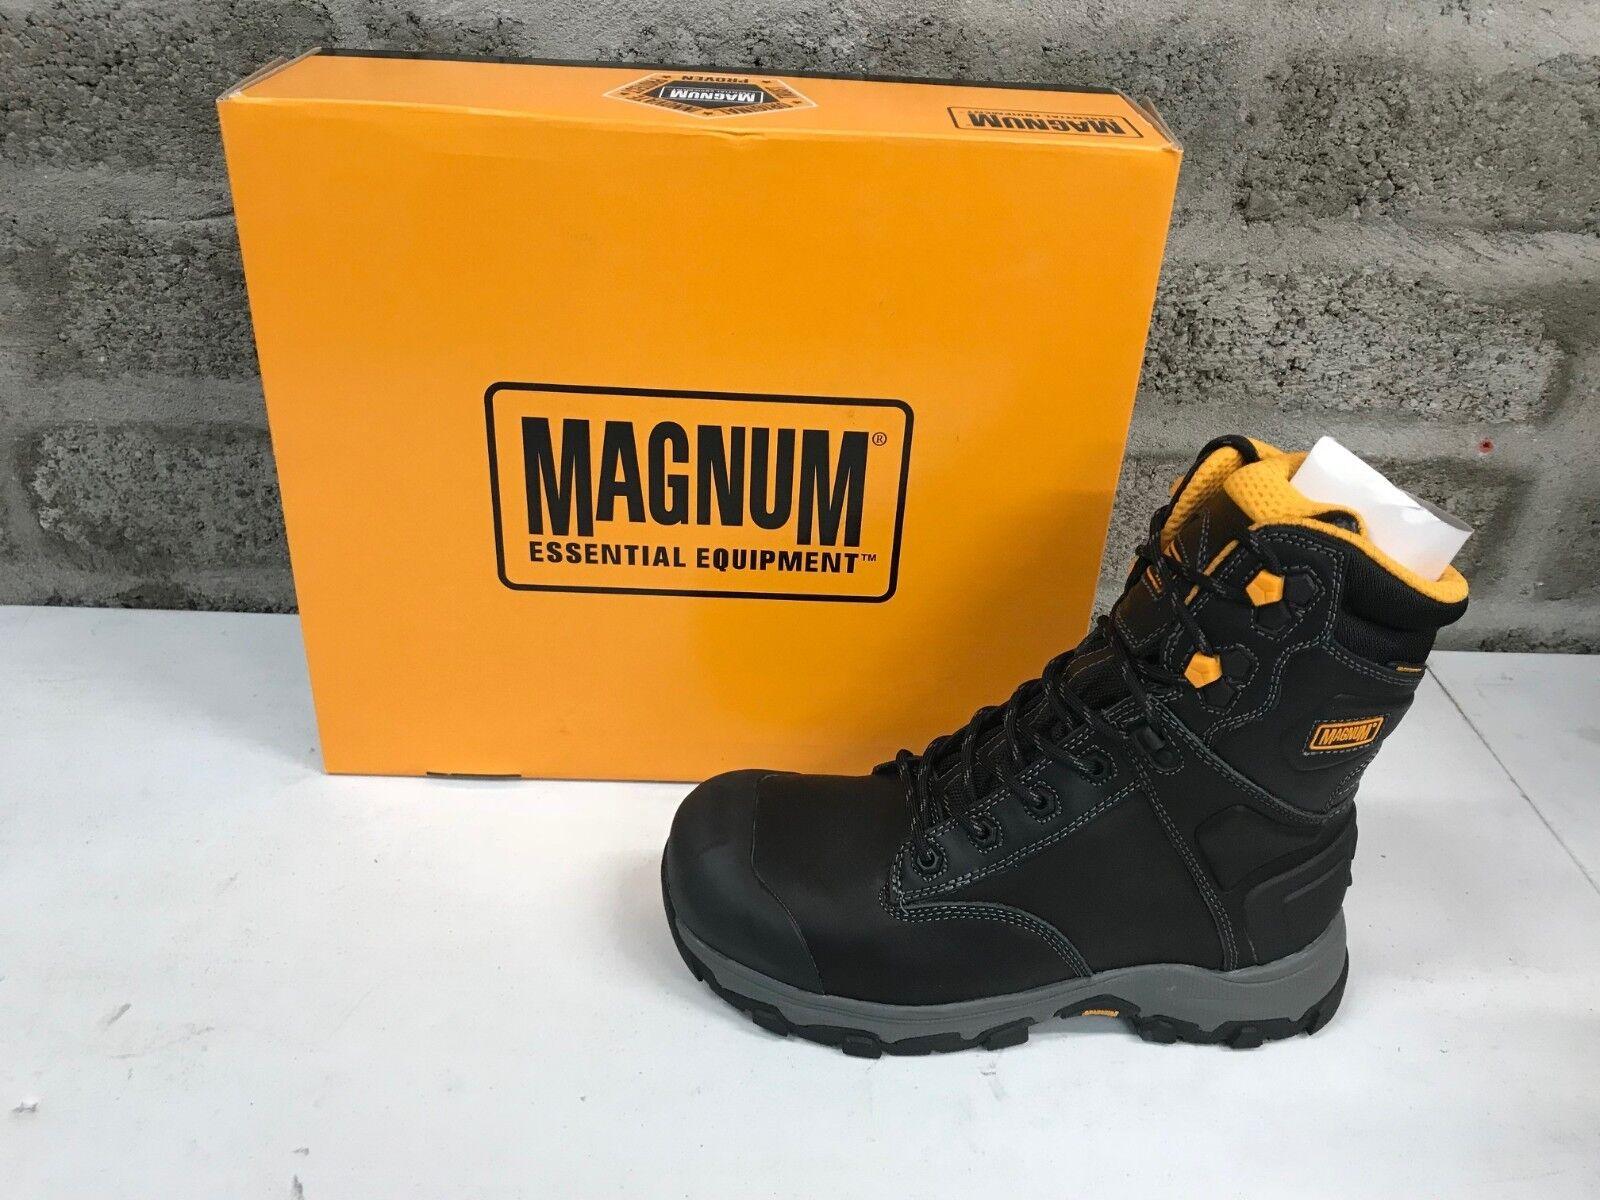 Magnum Hamburg 8.0 Sicurezza Impermeabile COMPOSITO Stivali Lavoro in Pelle Pelle Pelle Nera b20ea1